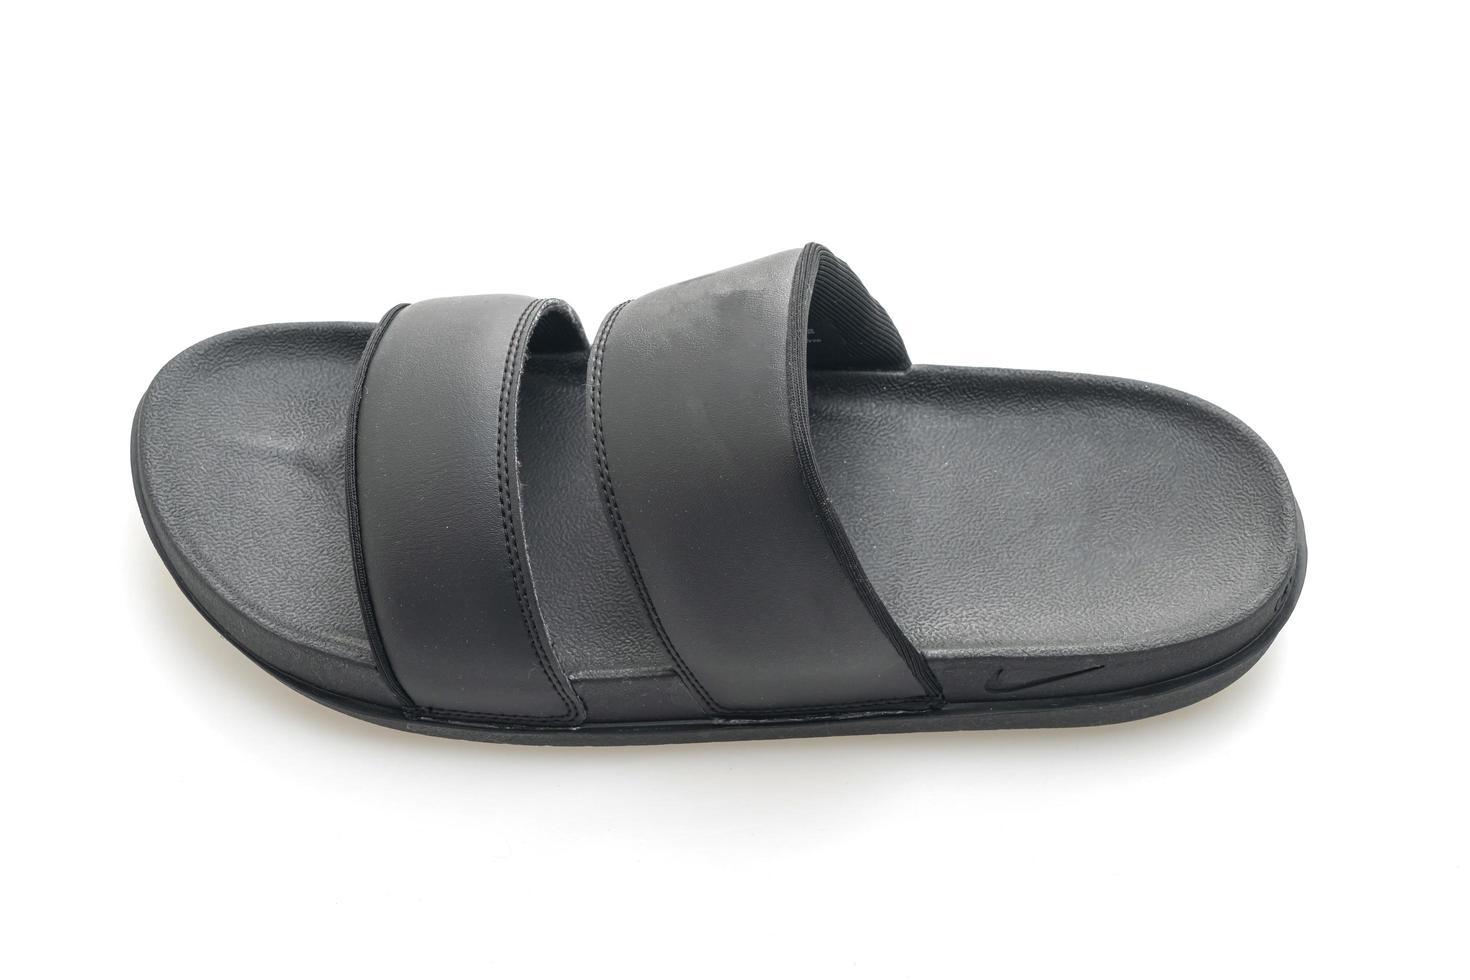 zwarte leren sandalen geïsoleerd op een witte achtergrond foto